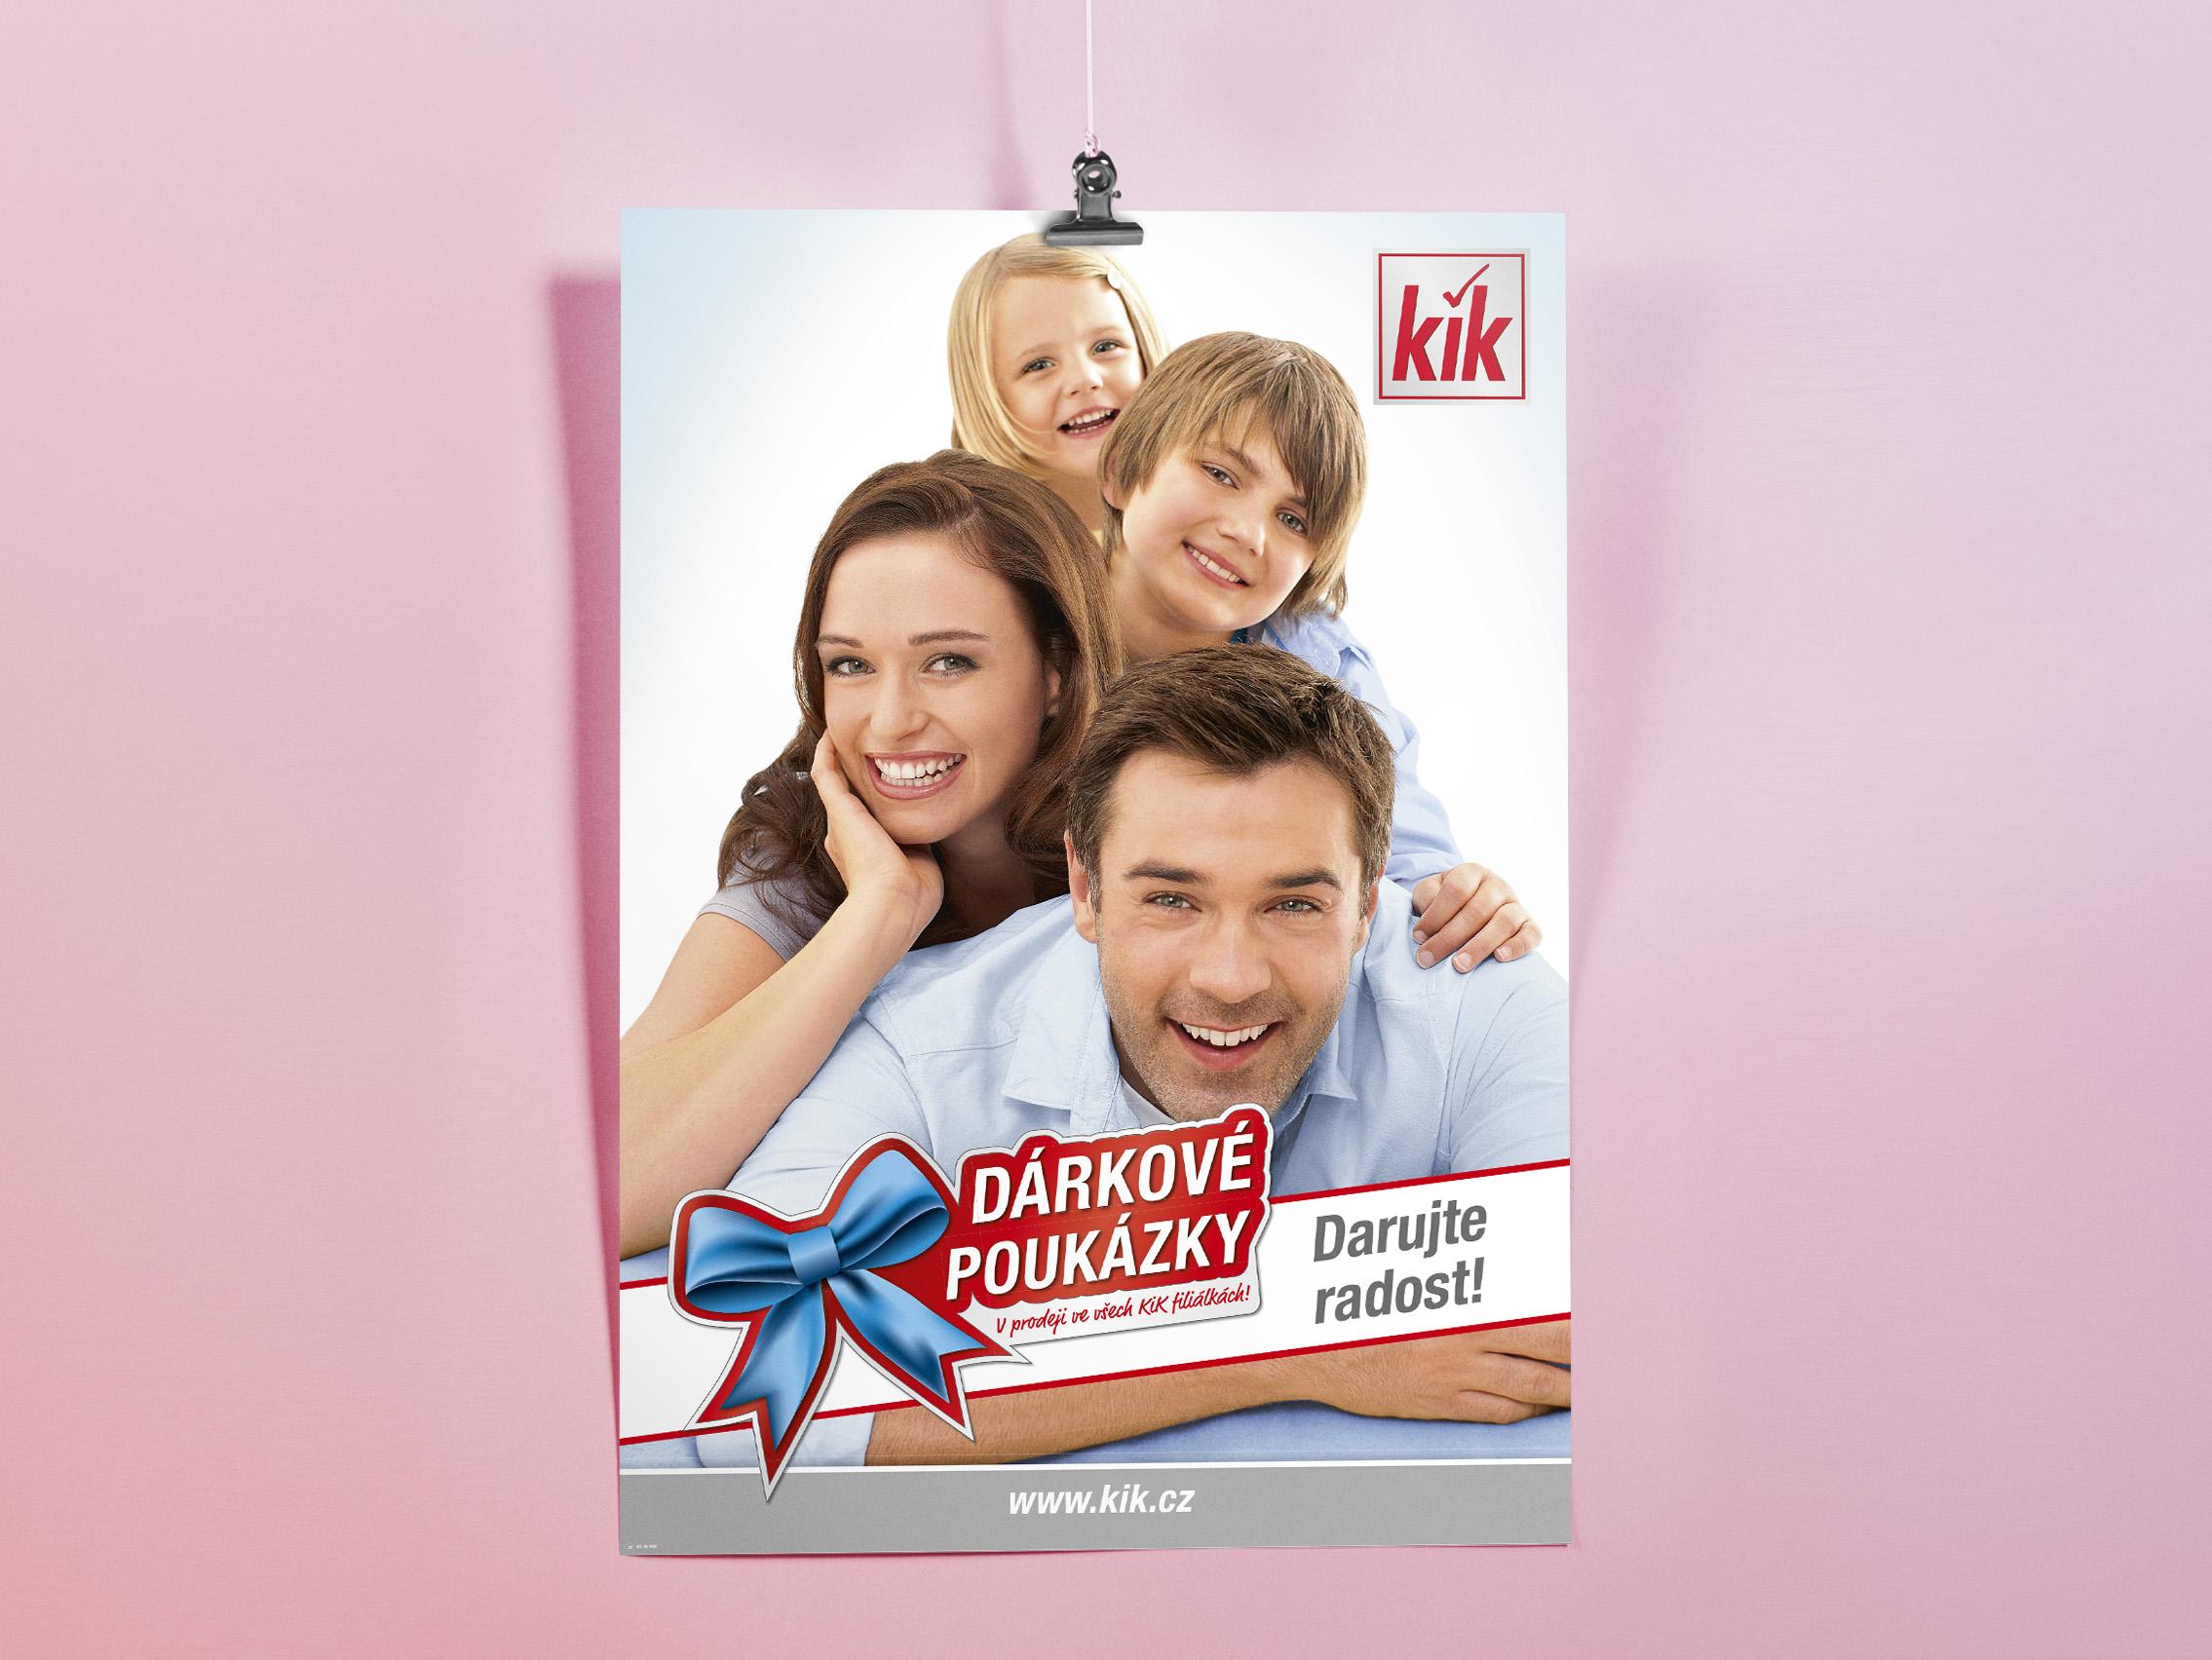 Plakate / Poster